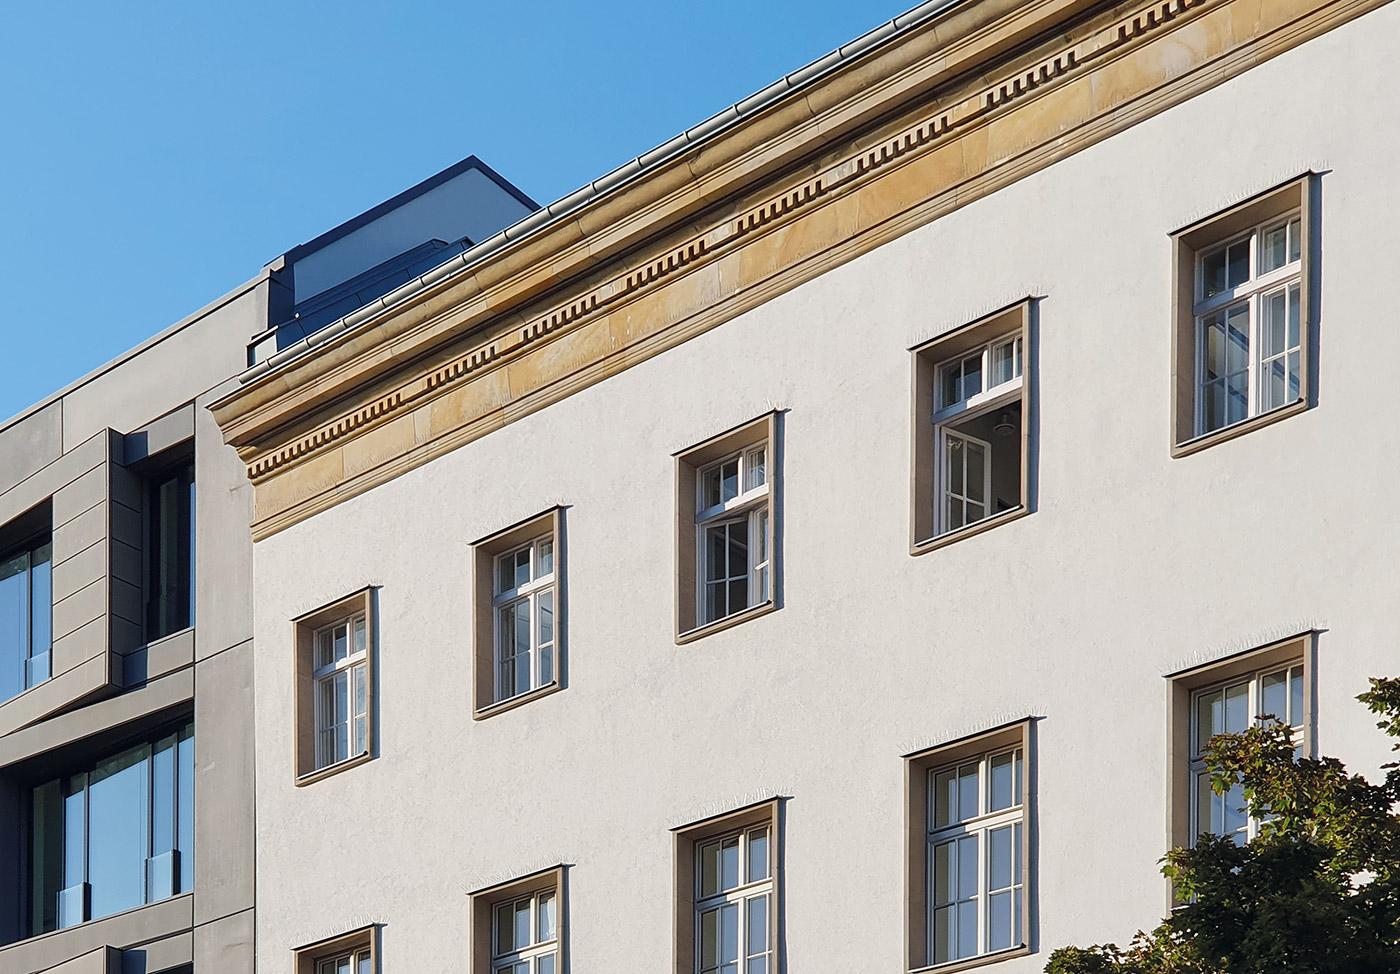 Umbau und Sanierung eines ehemaligen Postamtes in Berlin-Kreuzberg